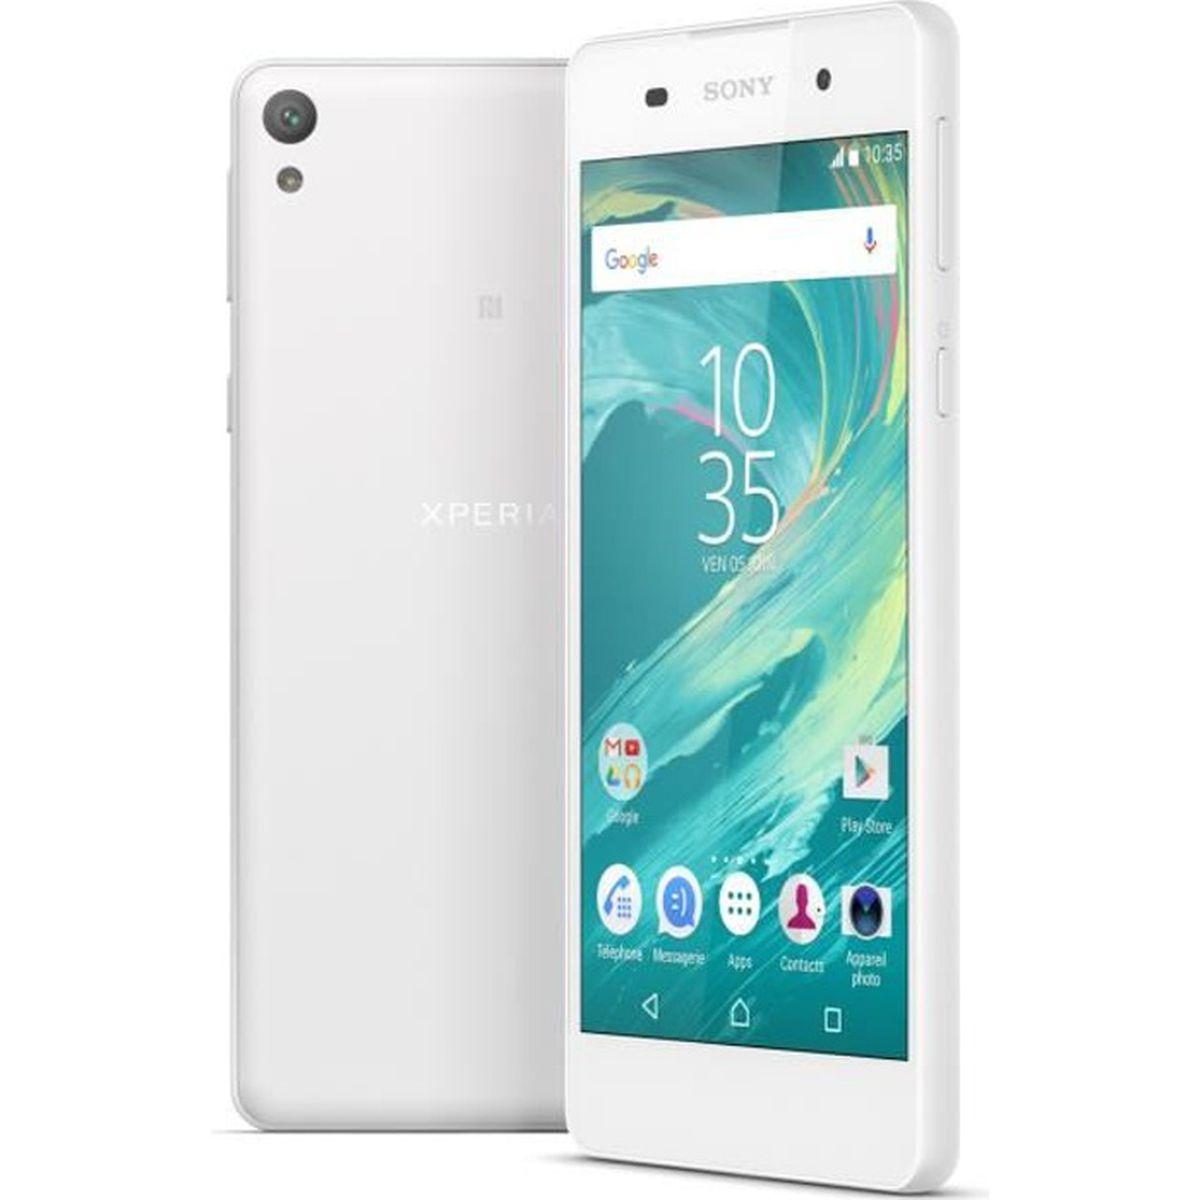 sony xperia e5 blanc achat smartphone pas cher avis et meilleur prix soldes d t cdiscount. Black Bedroom Furniture Sets. Home Design Ideas